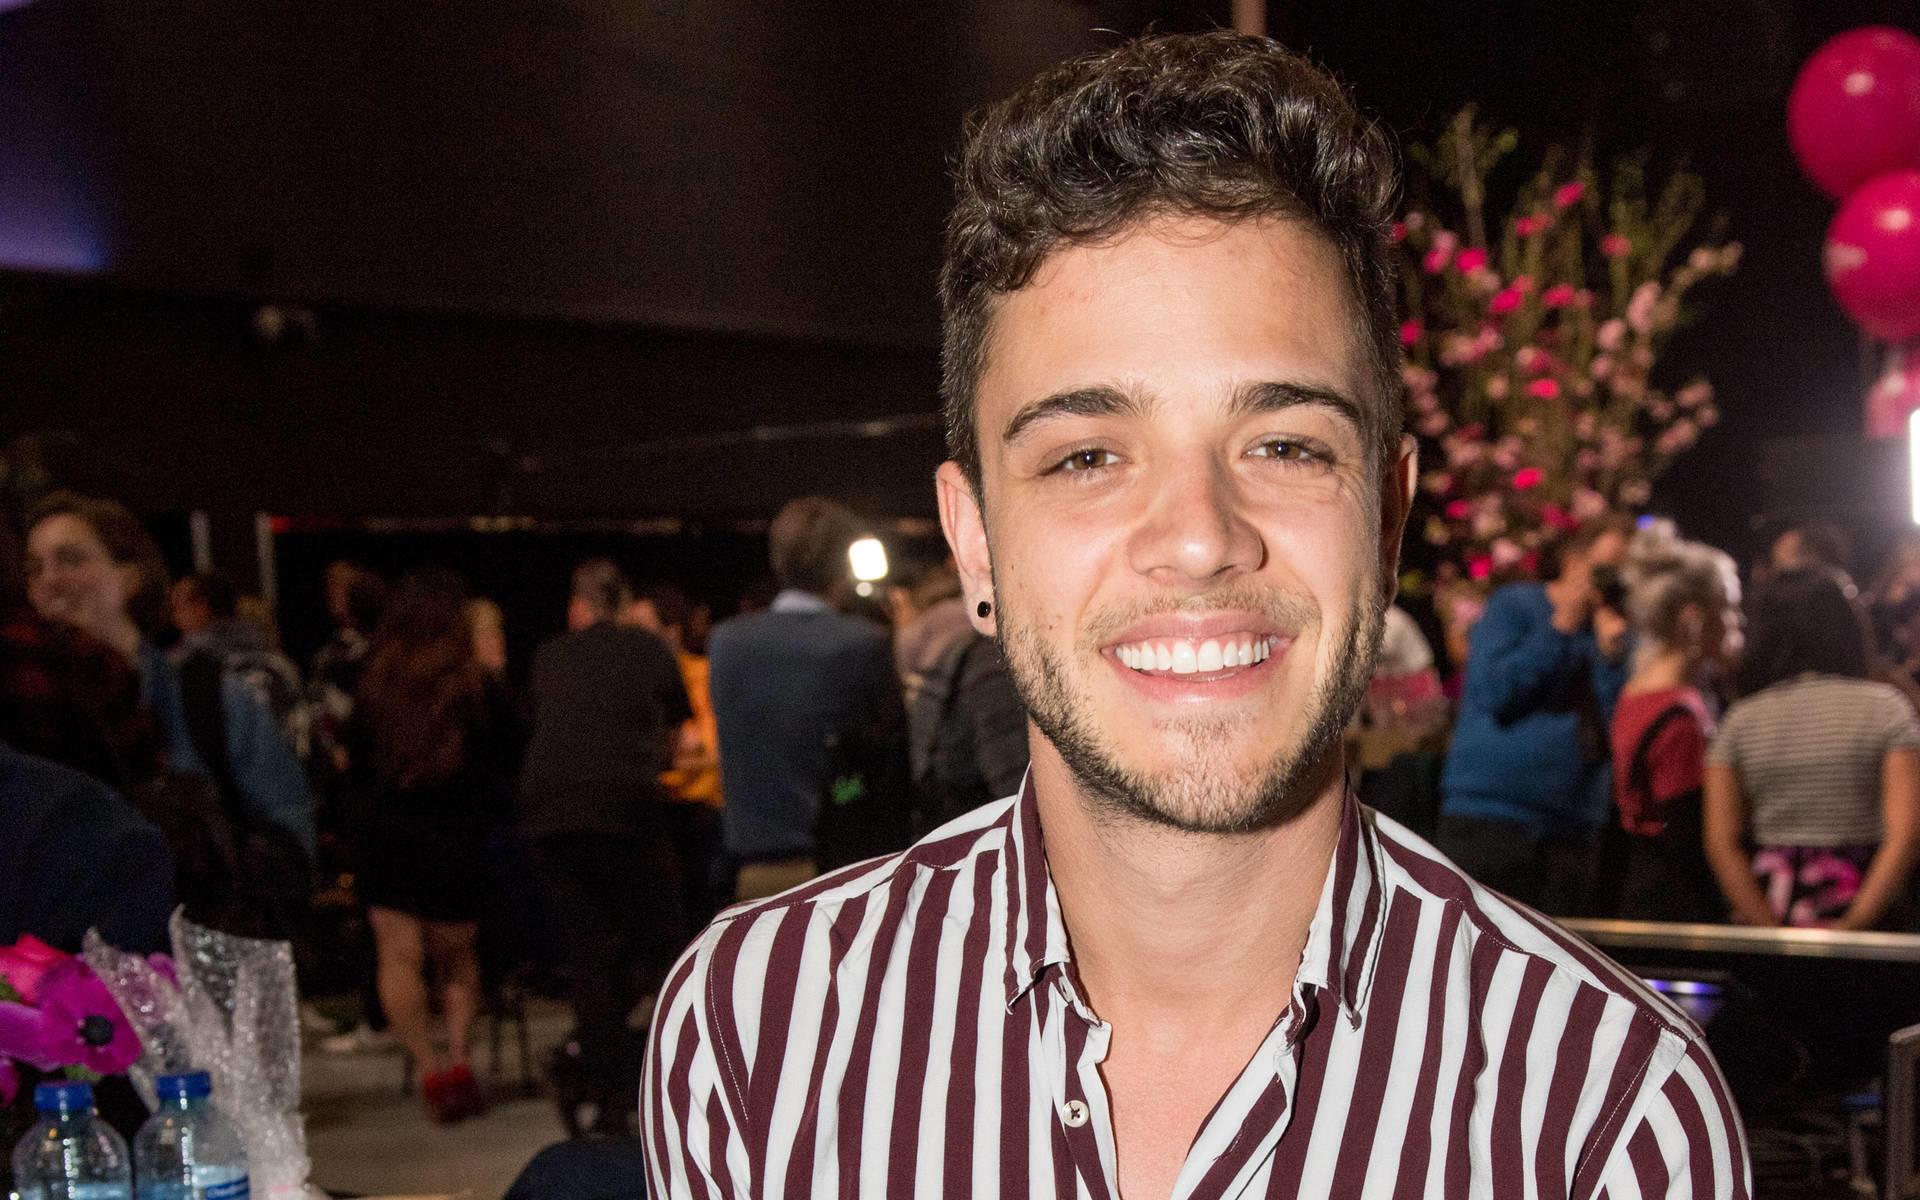 Die Schweiz schickt Luca Hänni an den Eurovision Song